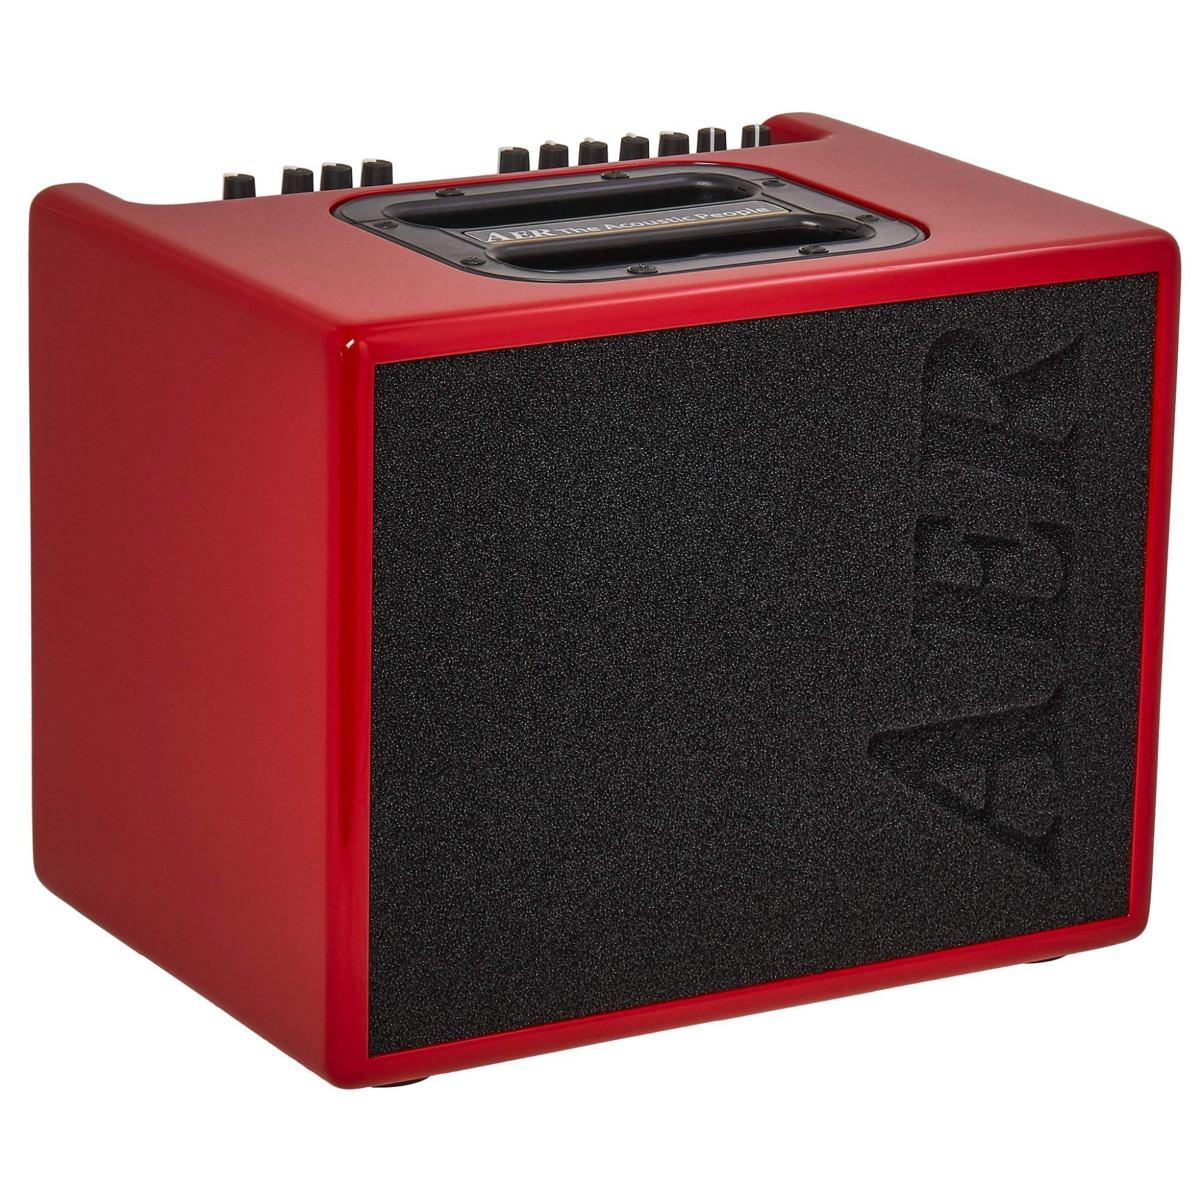 AER Compact 60 IV Barva: červená